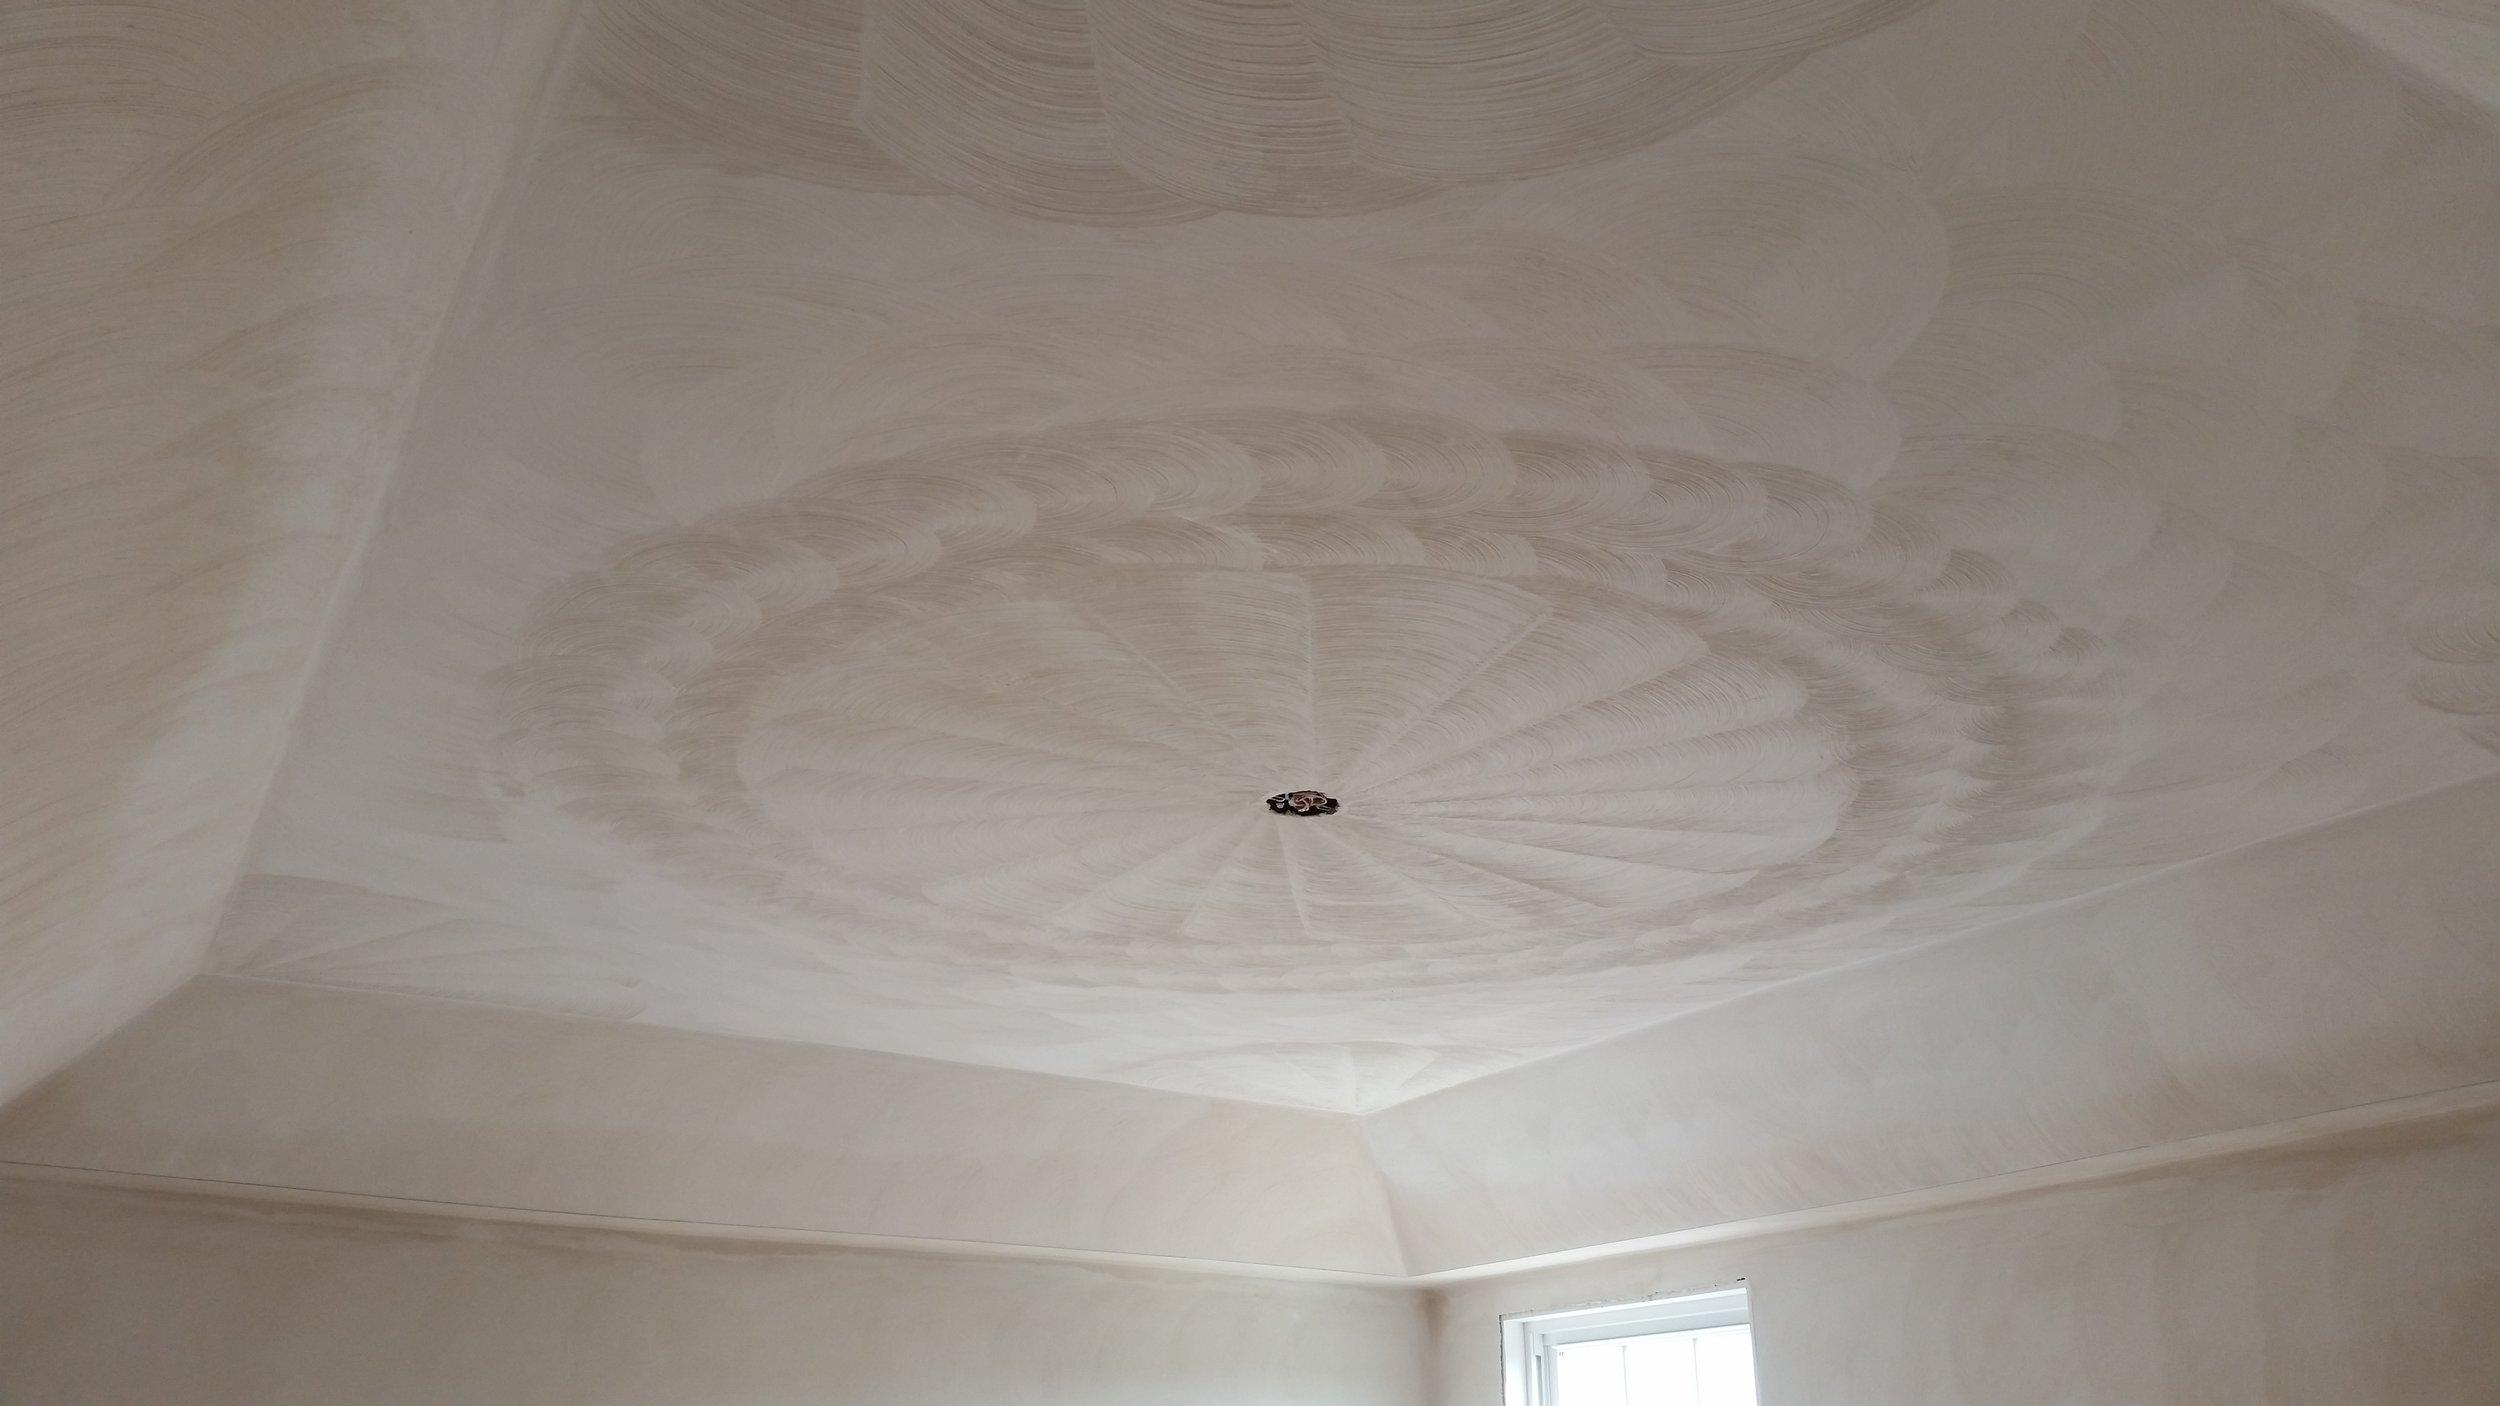 Ceiling Brush Design